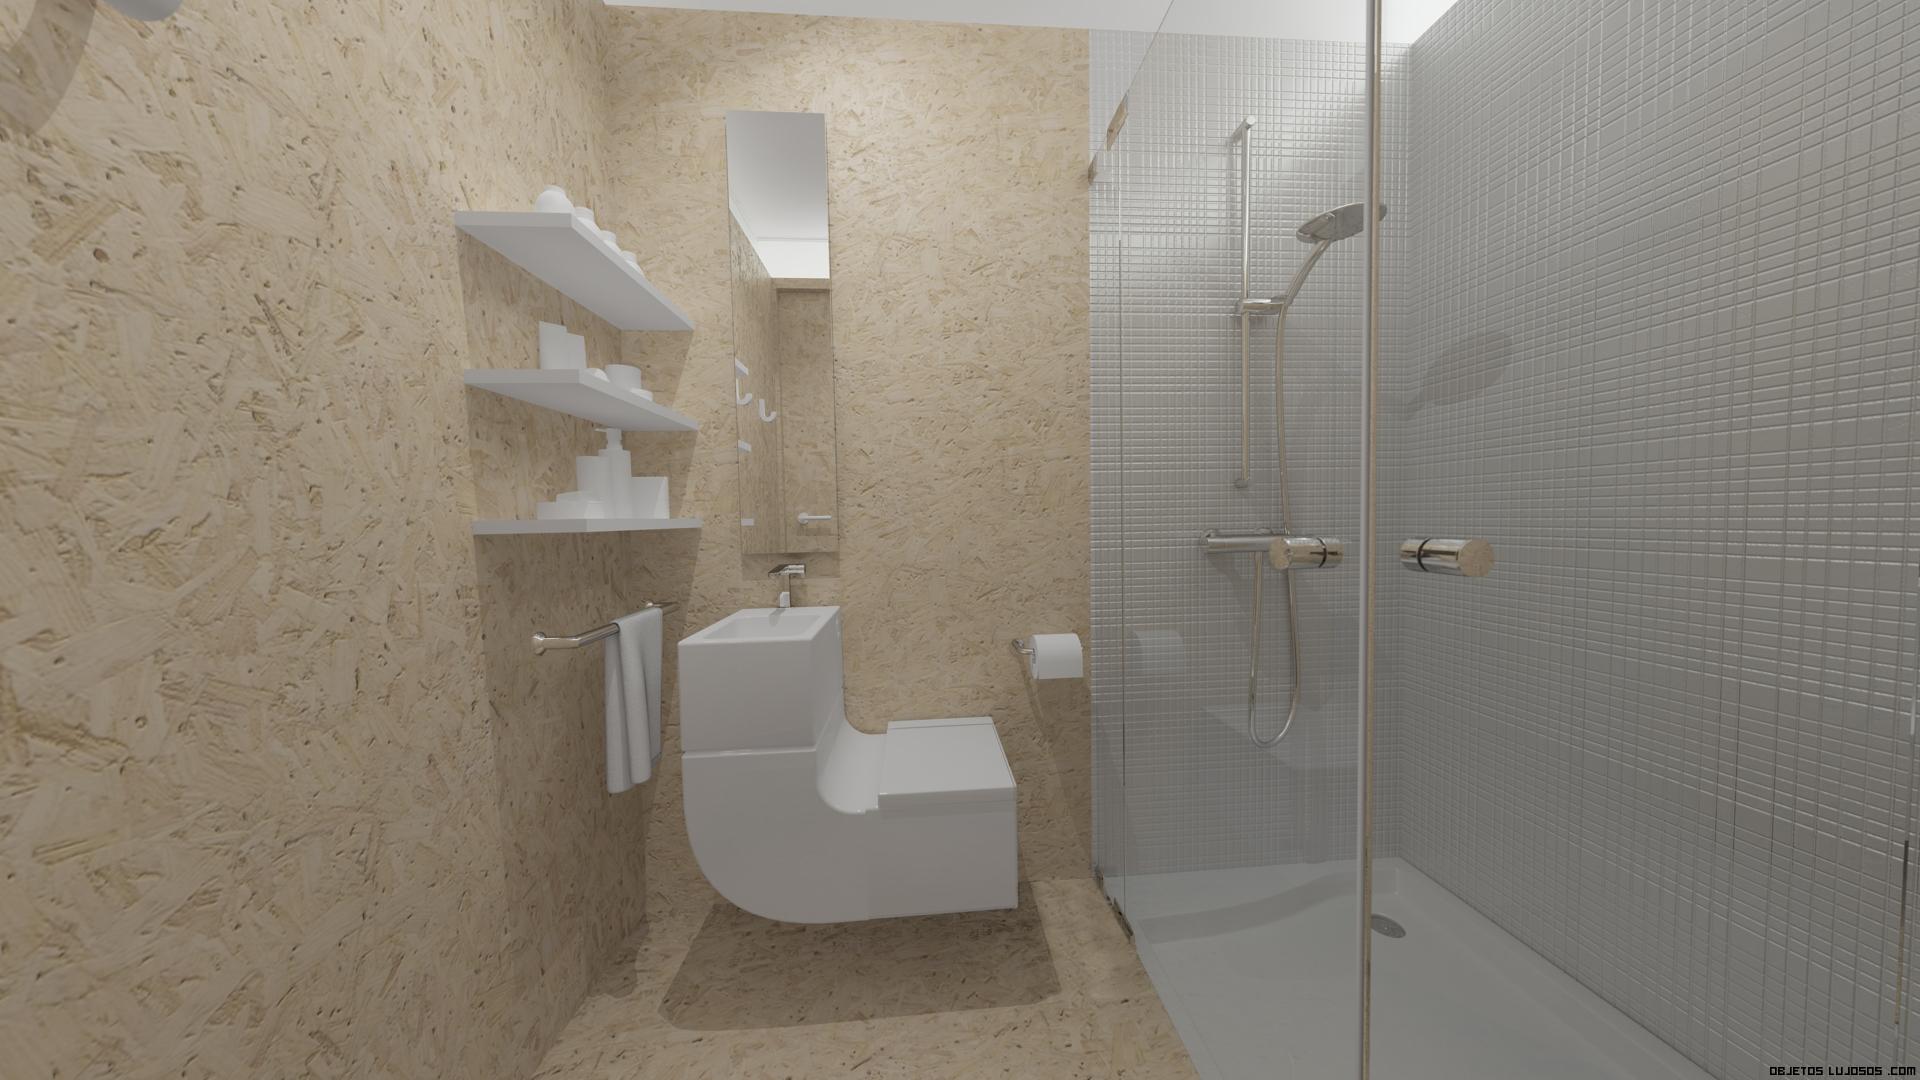 Baños Modernos Minimalistas Pequenos:El baño también está decorado con los últimos muebles y accesorios